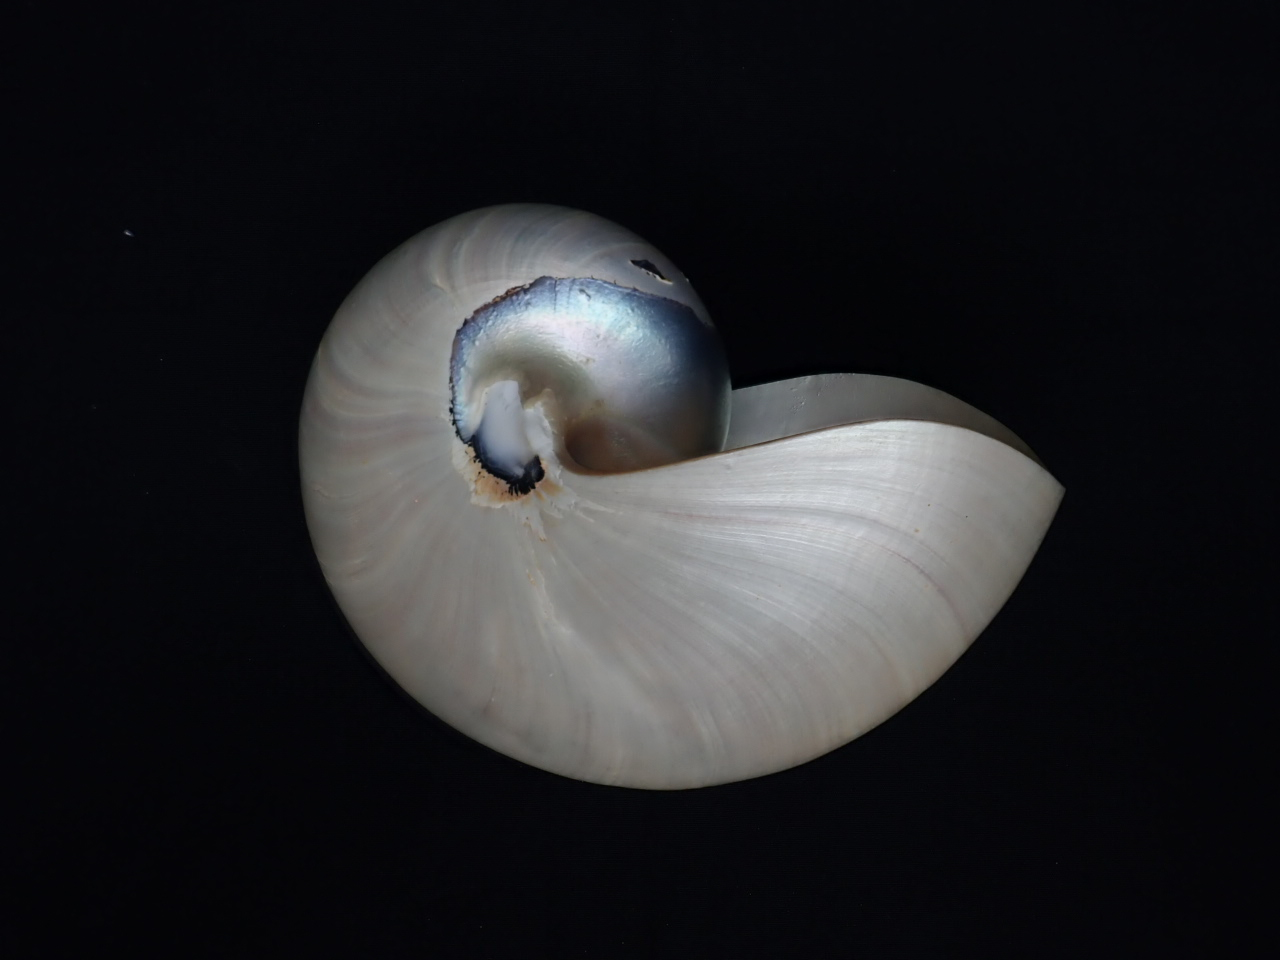 パールオウム貝12cm